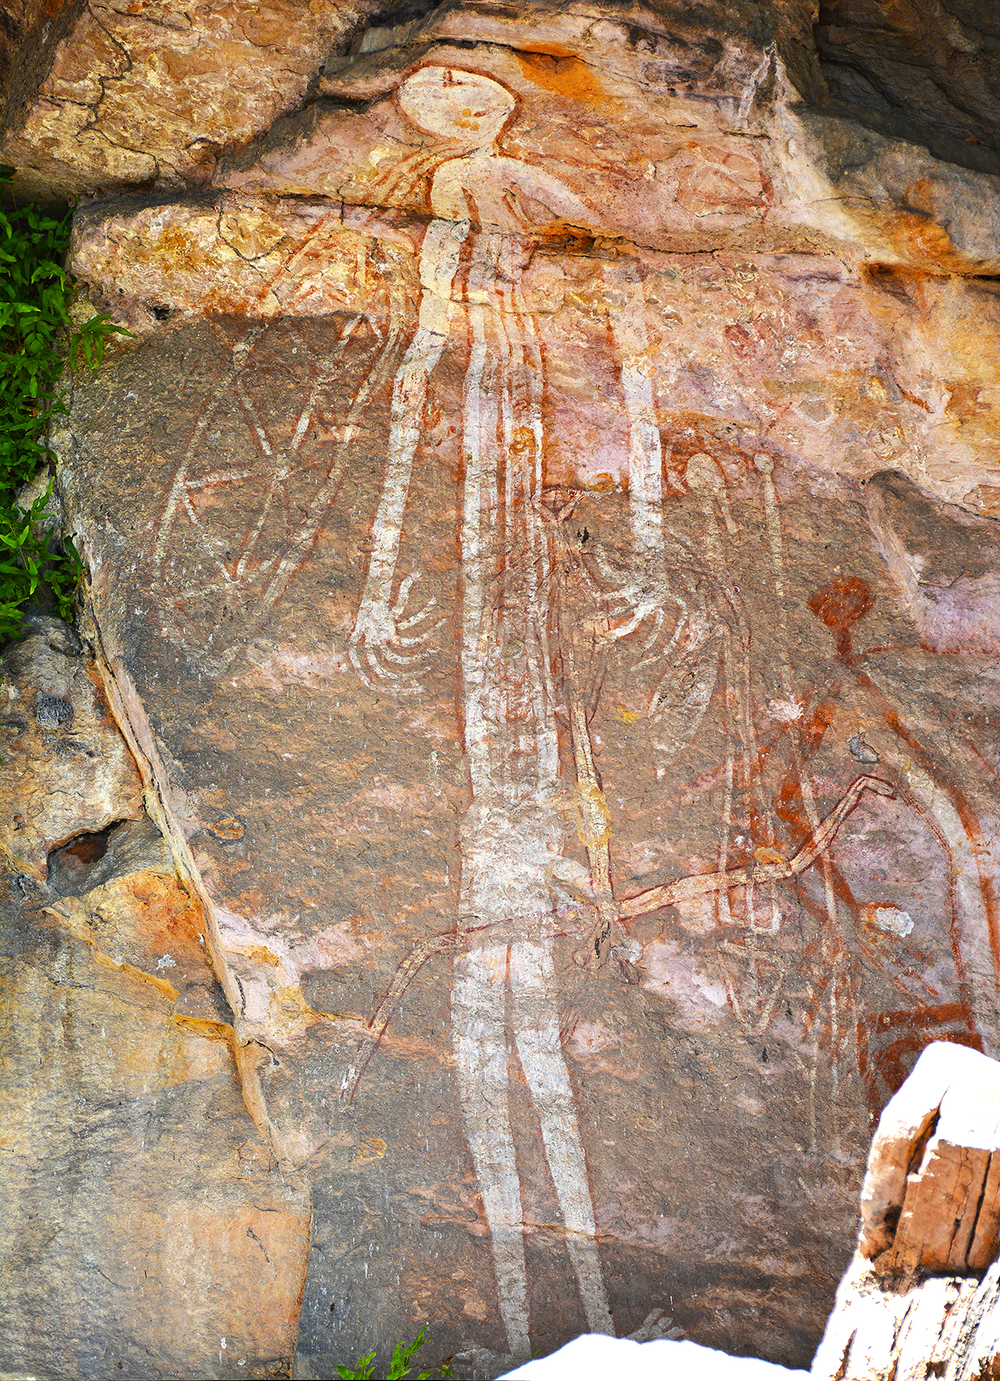 Figure d'esprit peint sur une paroi rocheuse dans les territoires du nord, à la limite du parc du Kakadu. © Photo Aboriginal Signature